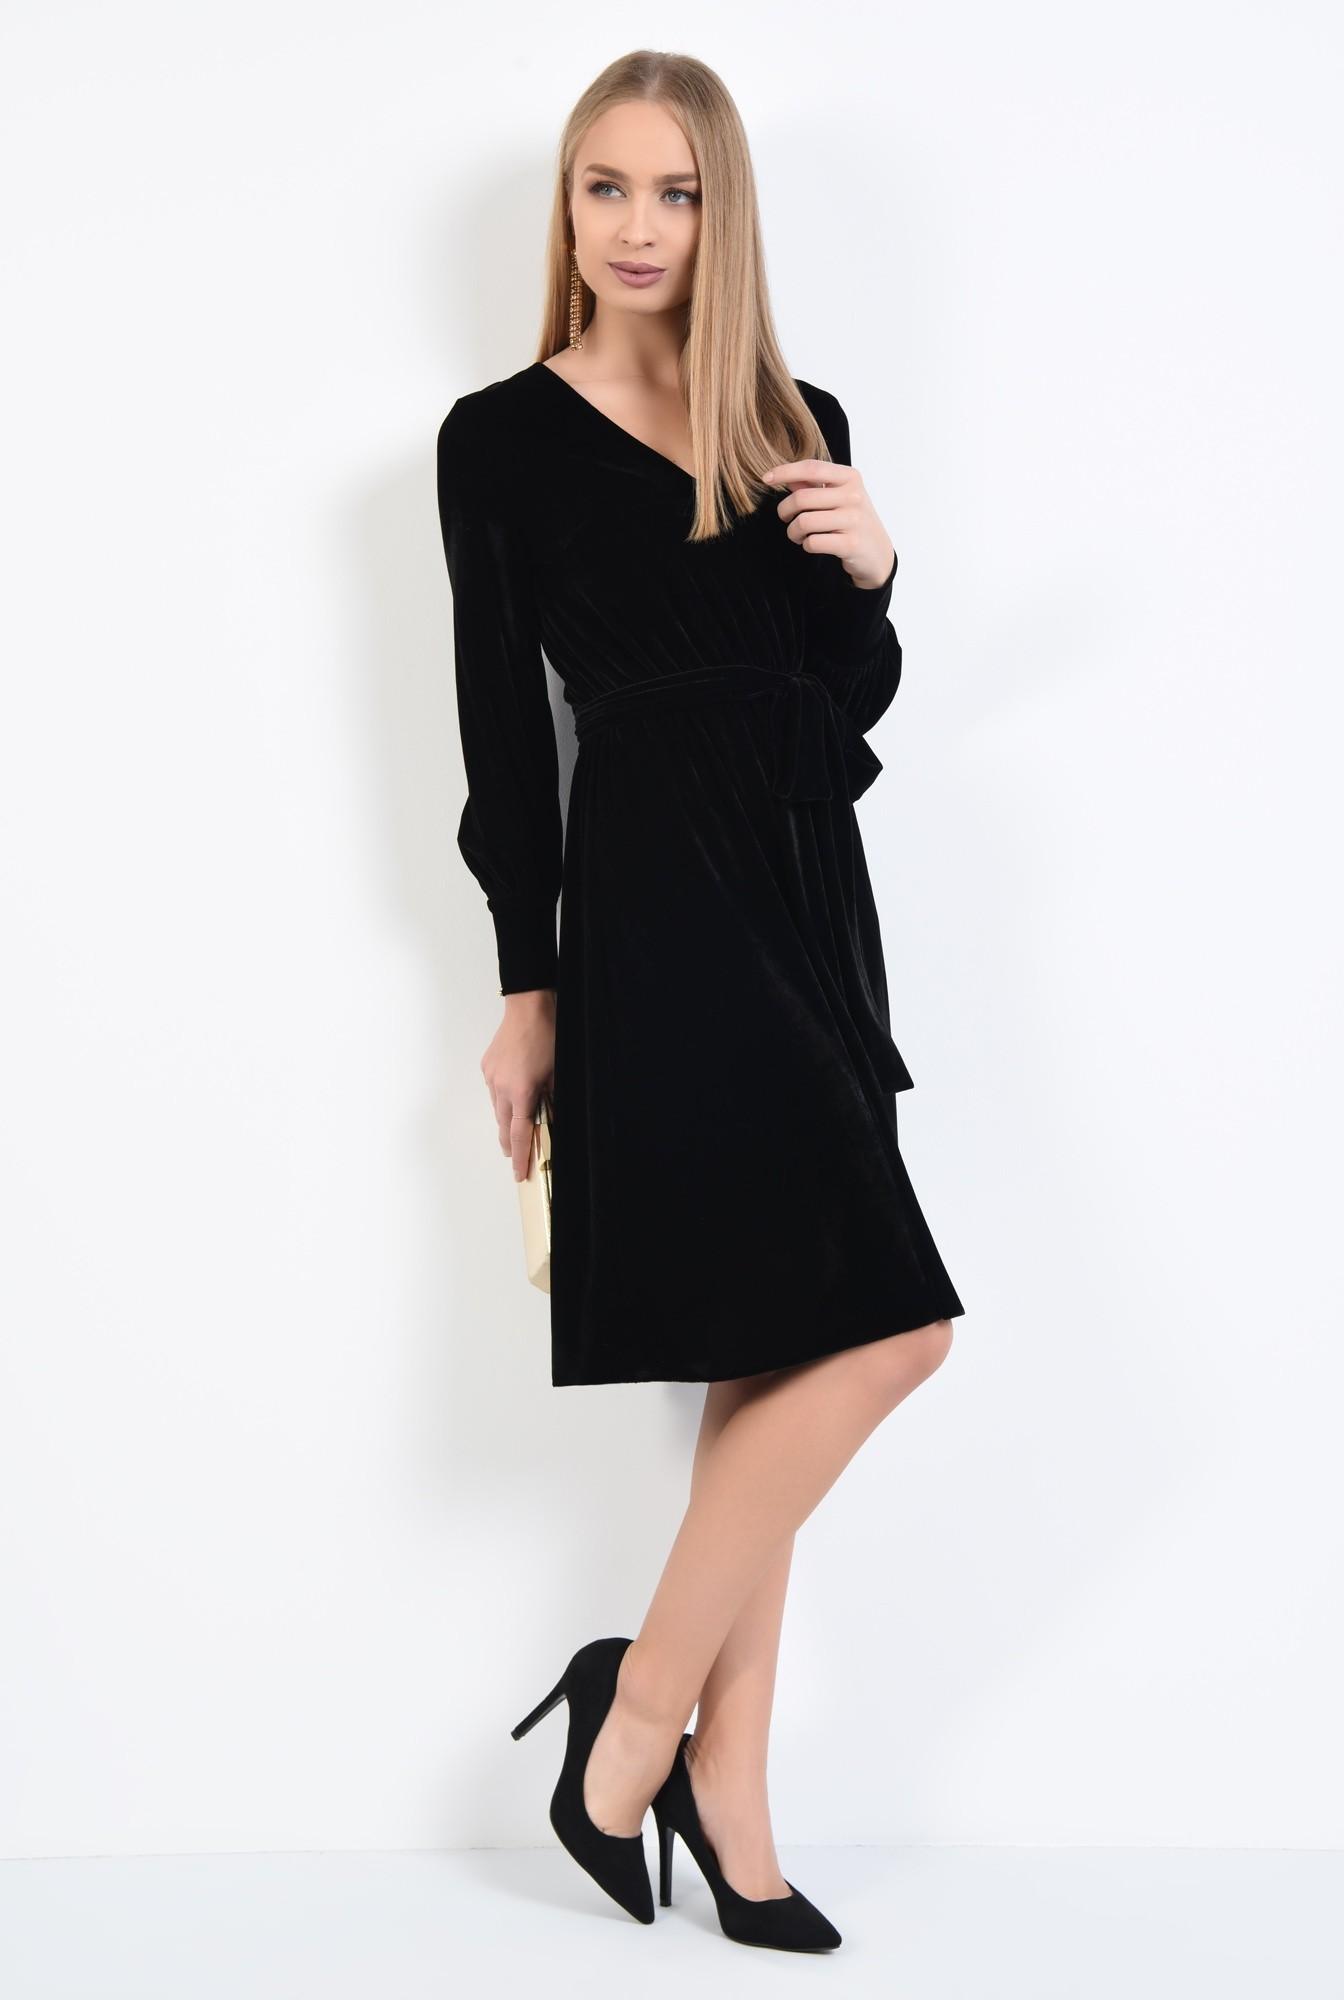 3 - rochie eleganta, neagra, midi, clos, cu cordon